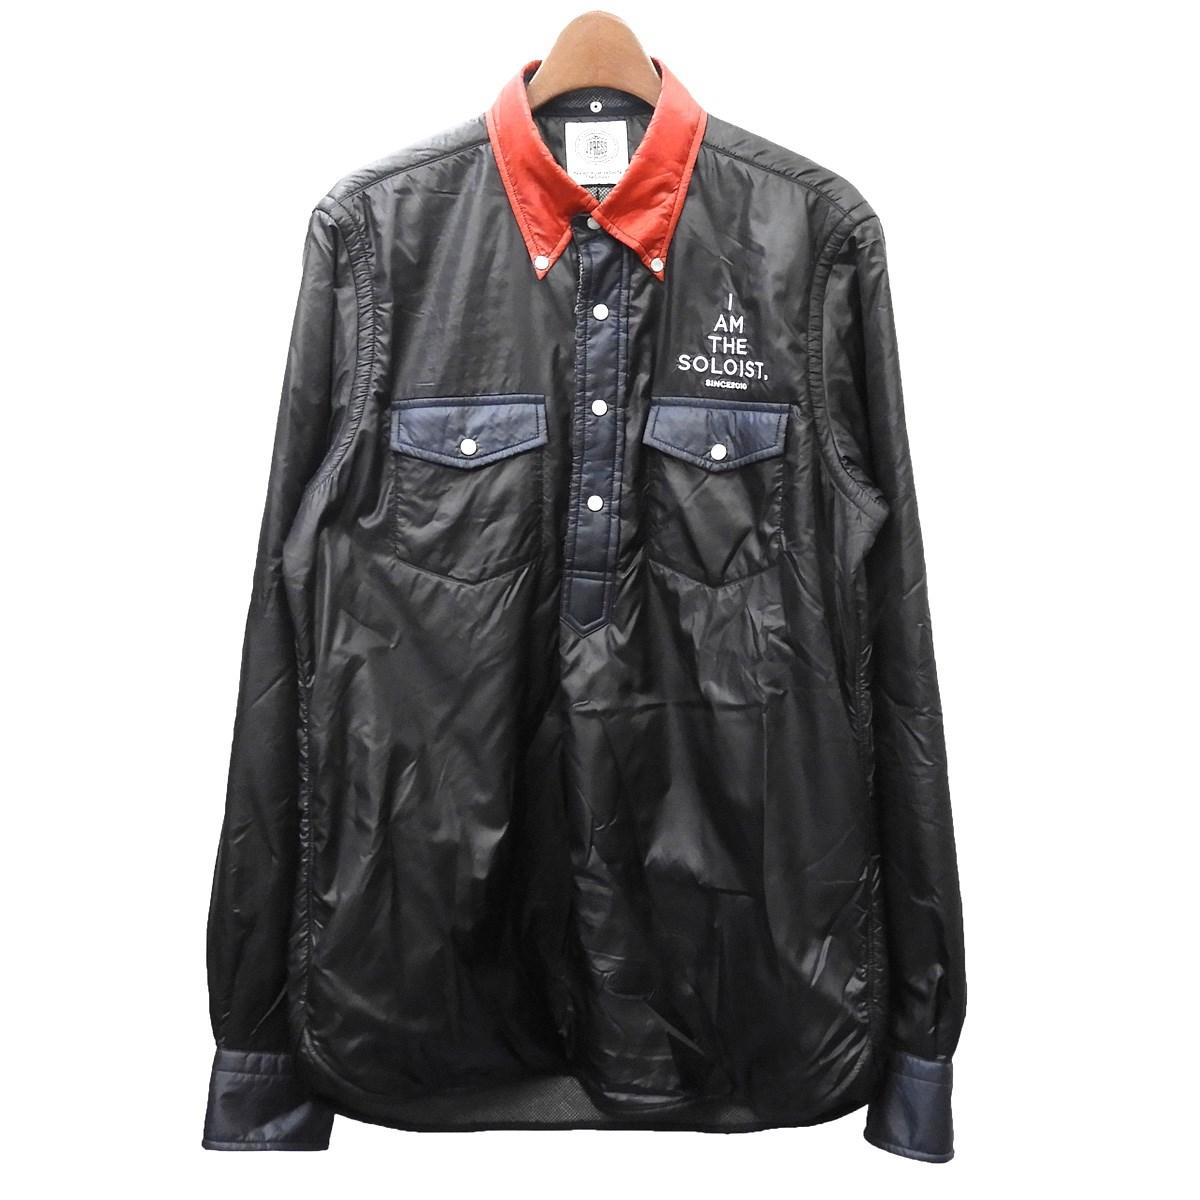 【中古】TAKAHIRO MIYASHITA The SoloIst.× J.PRESS 2019AW 「double pocket pullover BD shirt.」プルオーバーシャツ ブラック サイズ:M 【110420】(タカヒロミヤシタザソロイスト ジェイプレス)